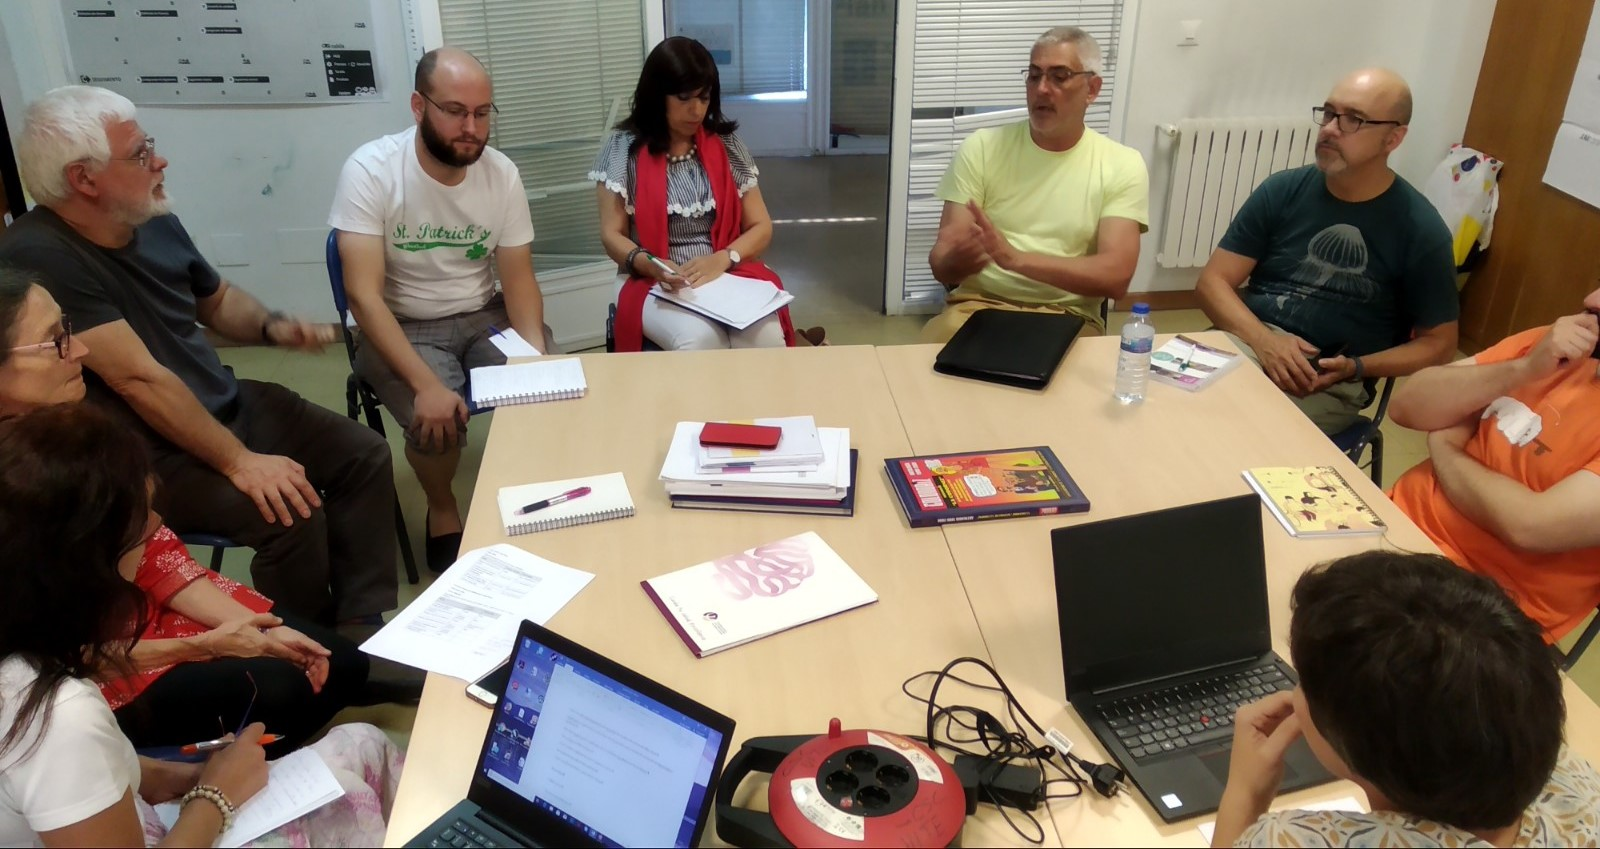 O INCIPIT propón unha metodoloxía aberta e participativa para iniciativas sociais ou patrimoniais